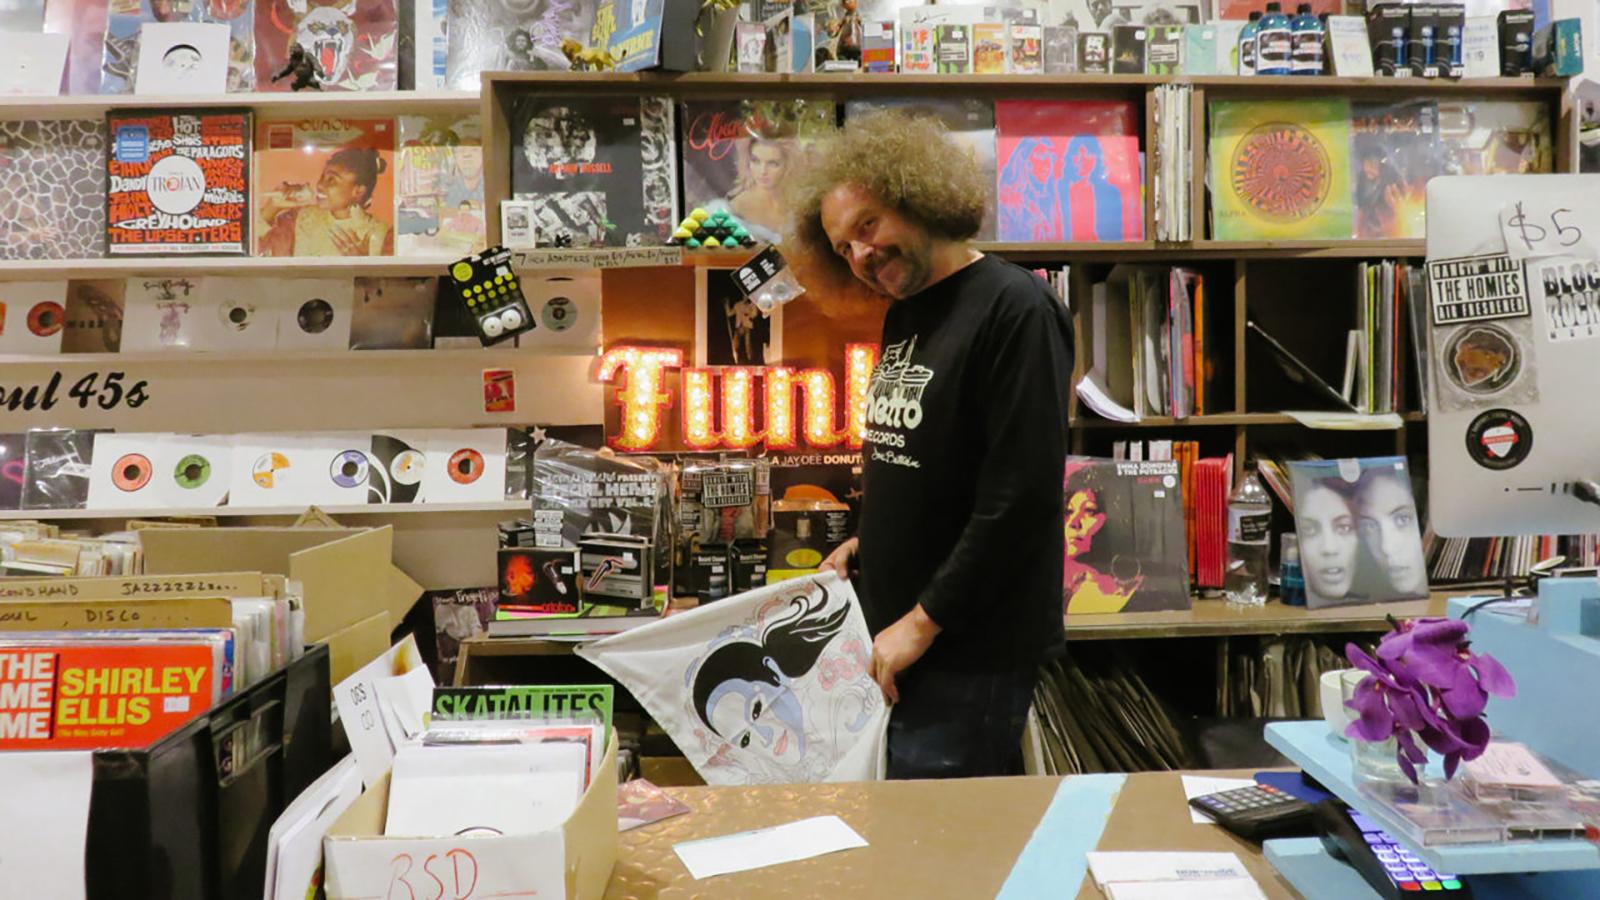 northside records record store melbourne australia